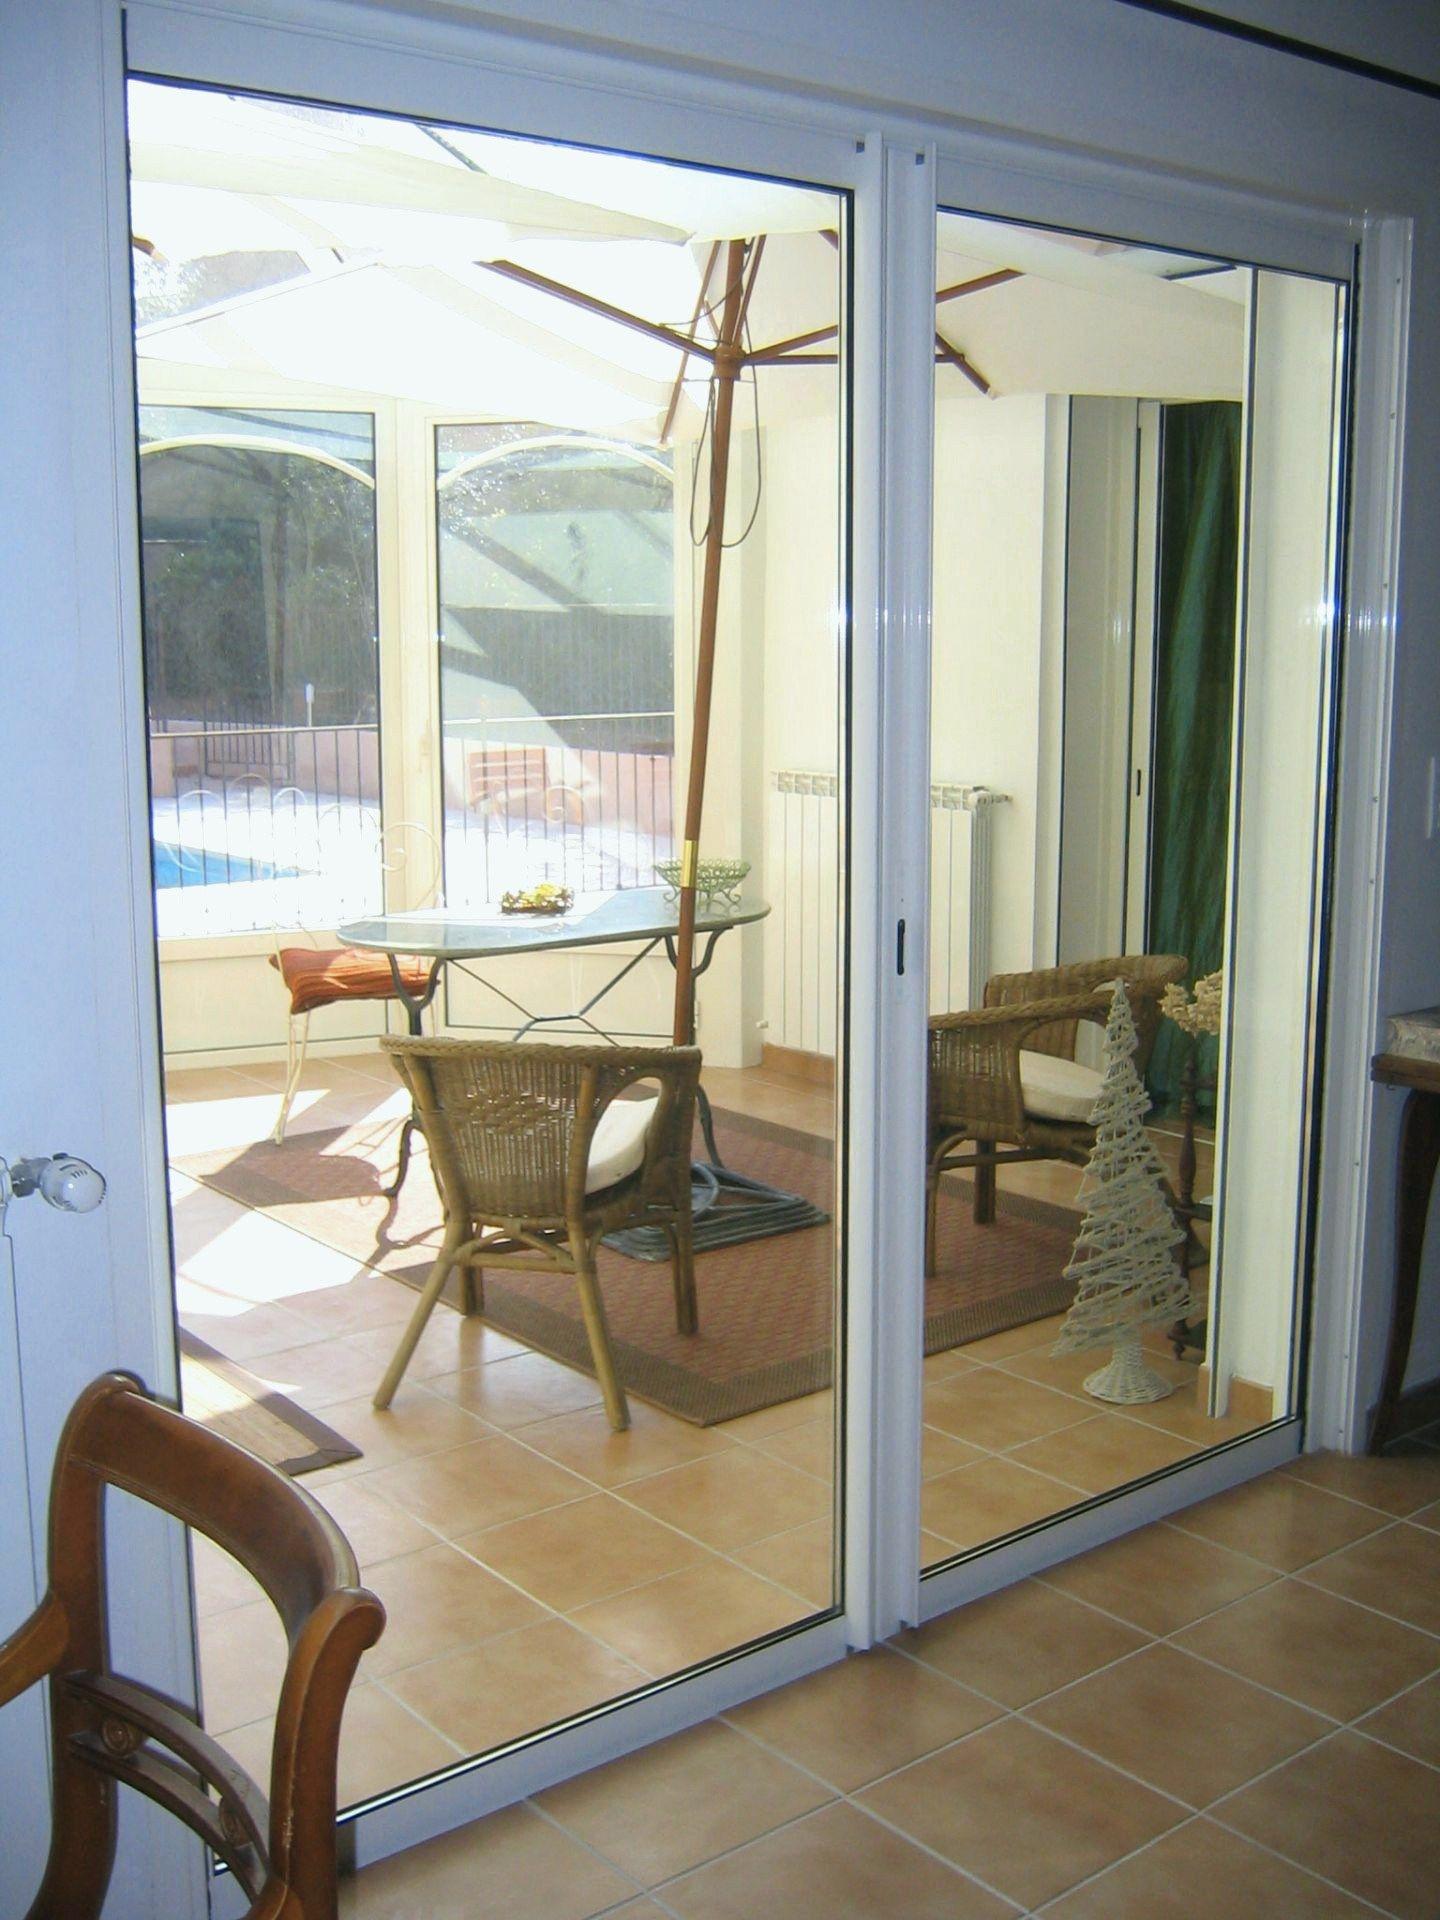 Elegant Porte Fenetre Alu Brico Depot Home Home Decor Room Divider